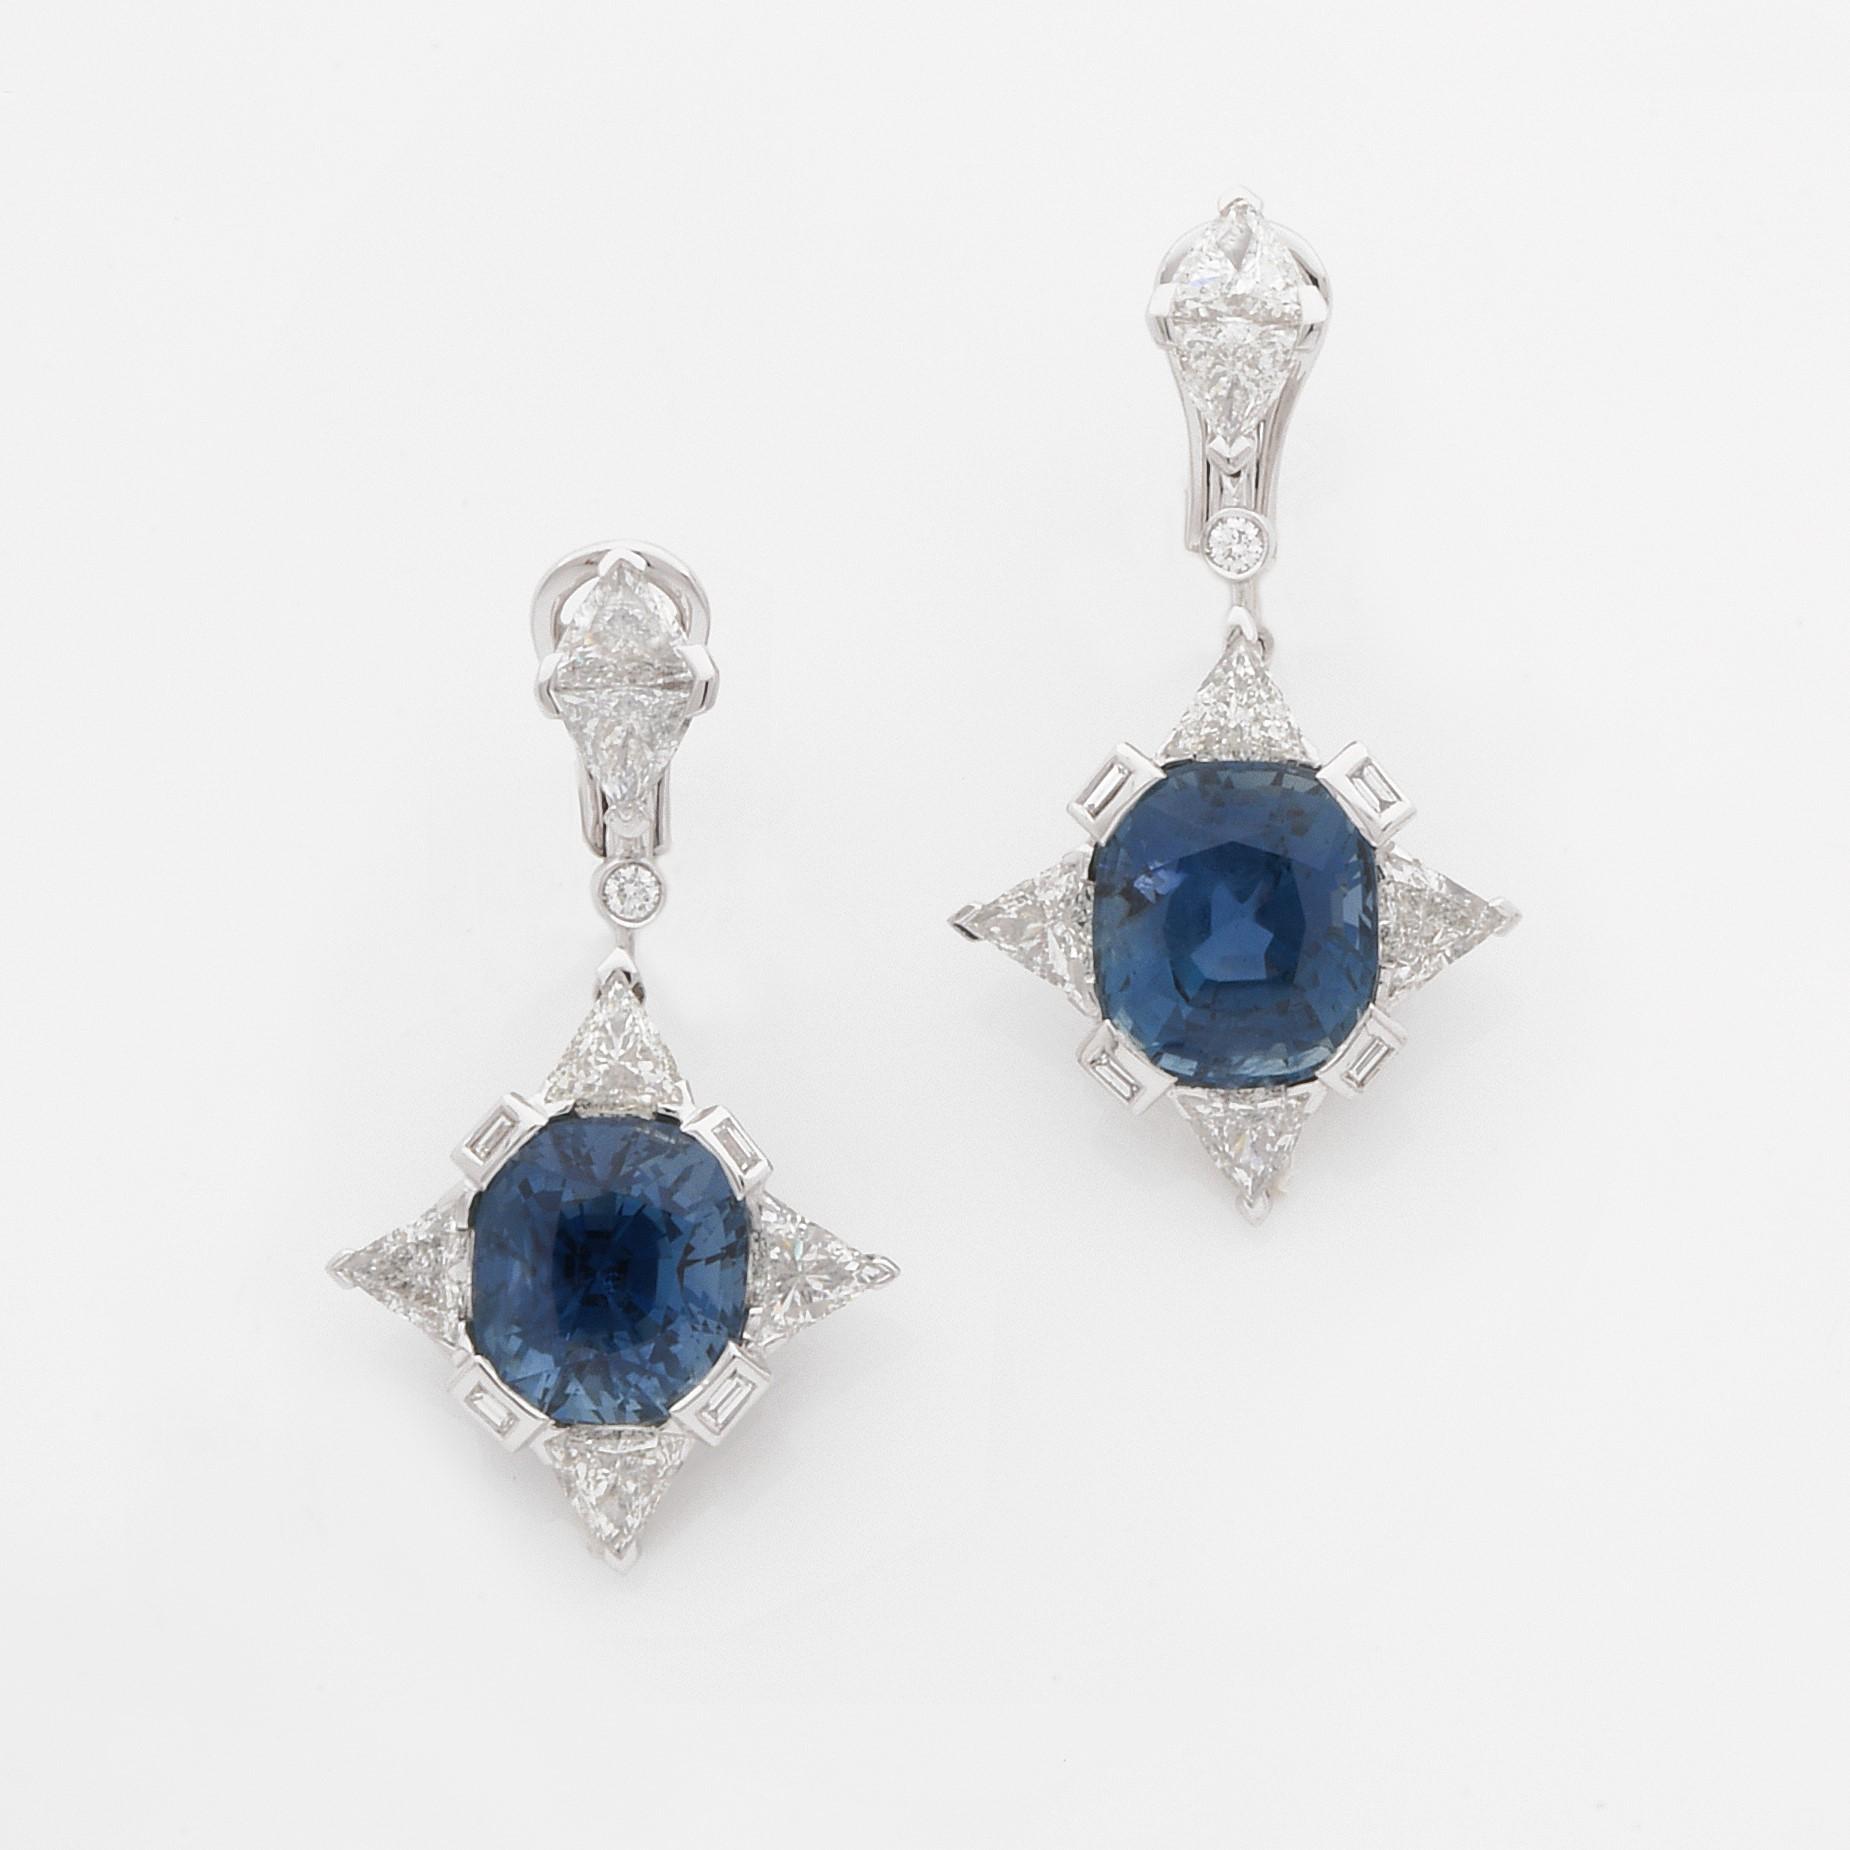 Vente Bijoux de Charme et Montres de Collection  chez Hôtel des Ventes de Monte-Carlo : 434 lots